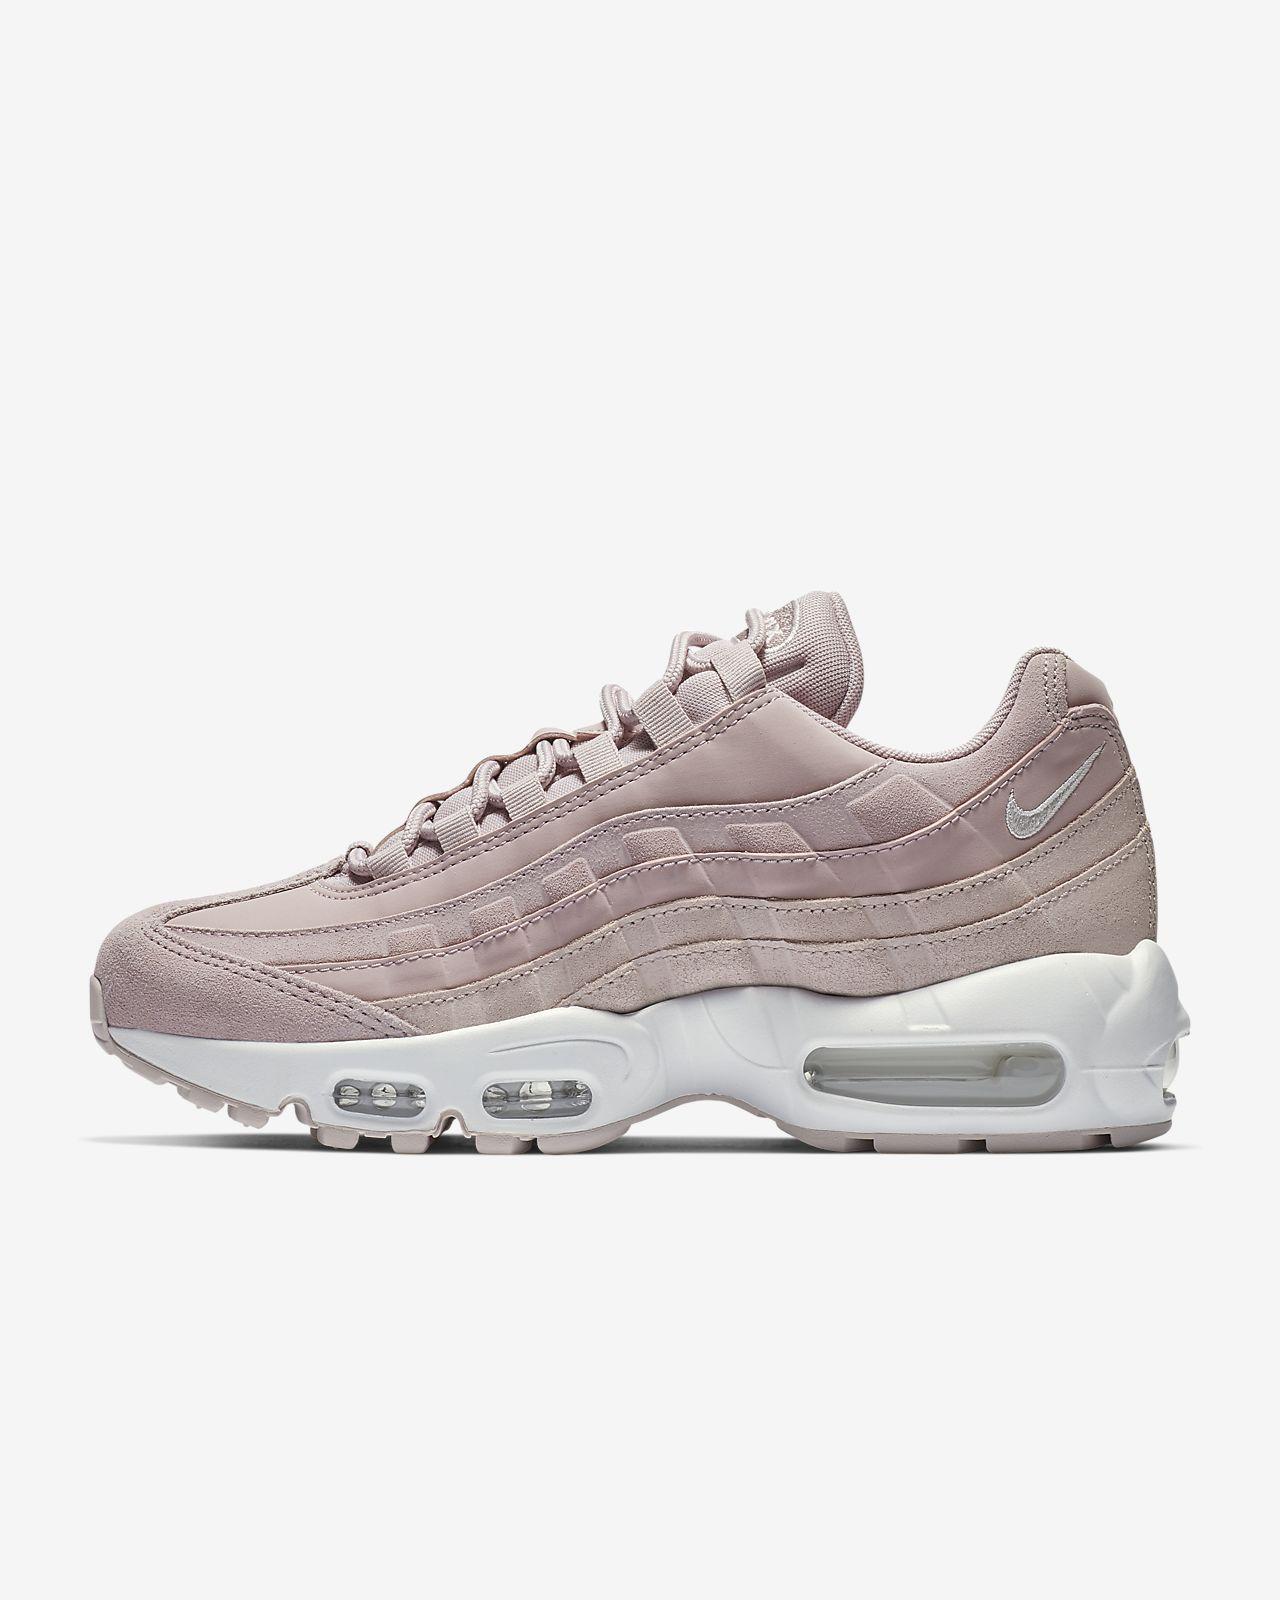 air max 95 nike femme,Chaussure Nike Air Max 95 pour Femme. Nike ...